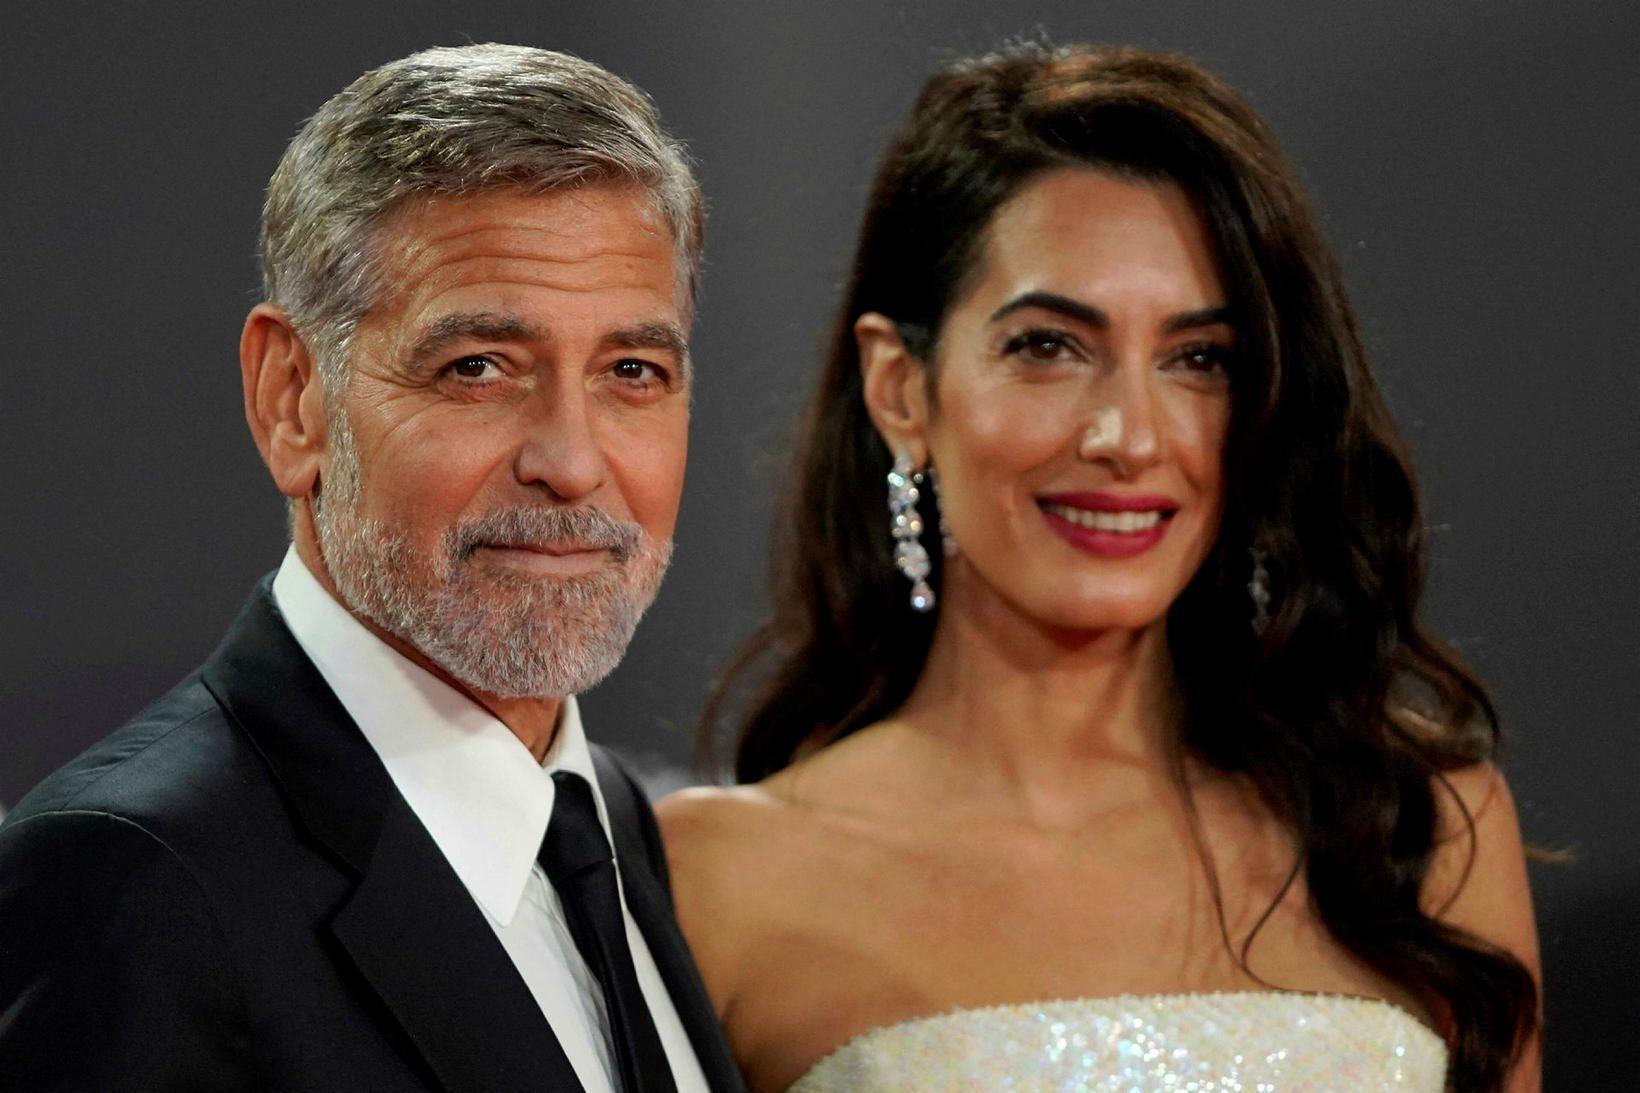 Amal Clooney ásamt eiginmani sínum George Clooney.